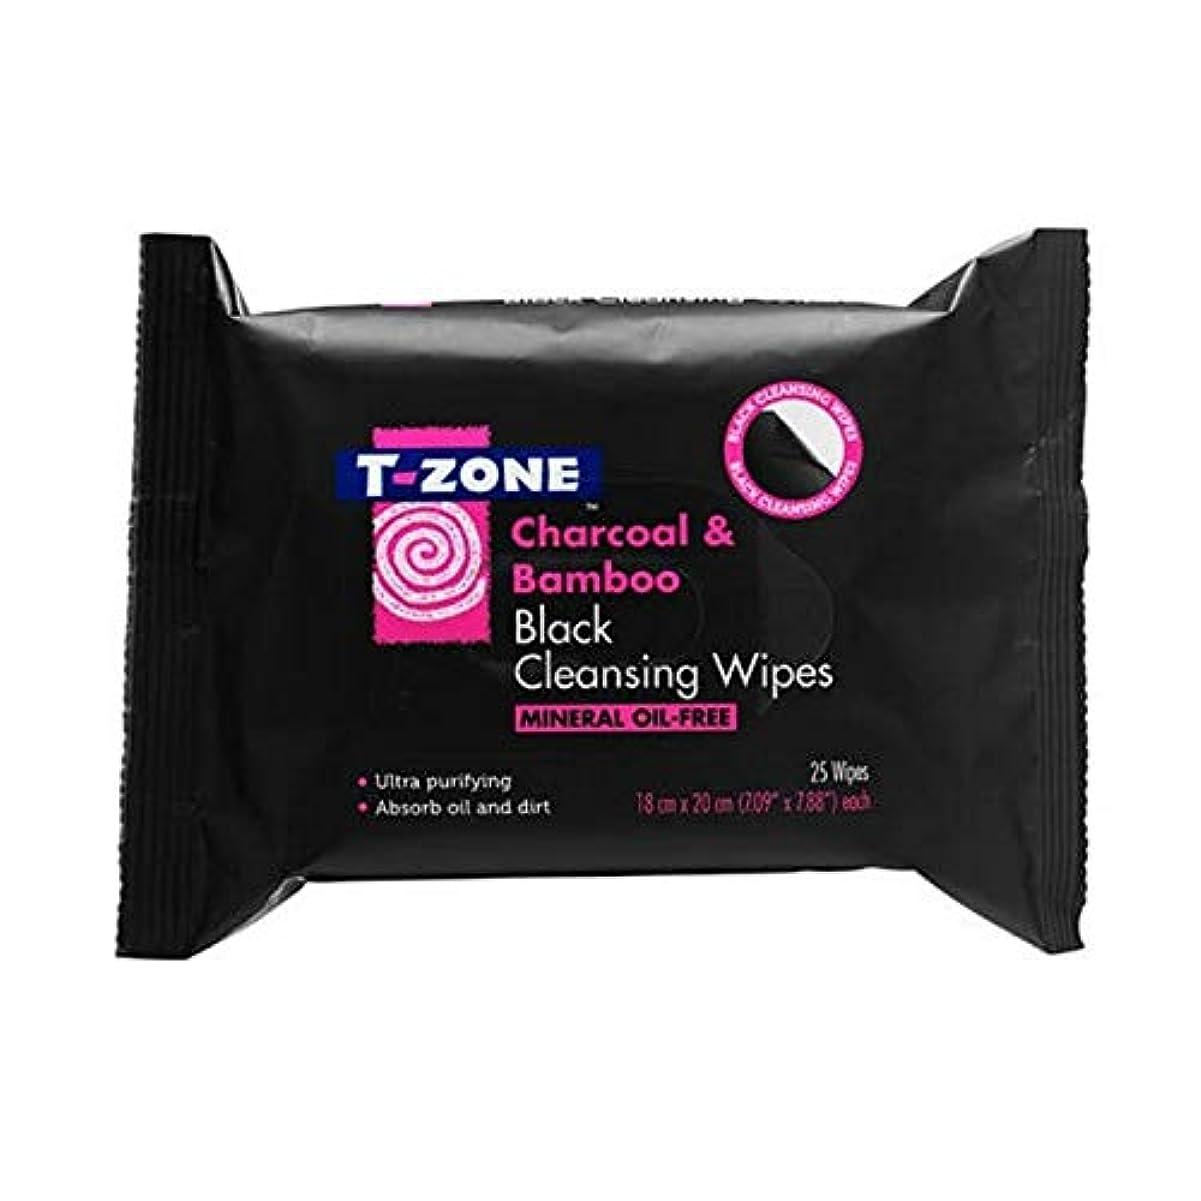 テーブルを設定する十億部門[T-zone] Tゾーン木炭&竹ブラッククレンジング25Sを払拭します - T-Zone Charcoal & Bamboo Black Cleansing Wipes 25s [並行輸入品]